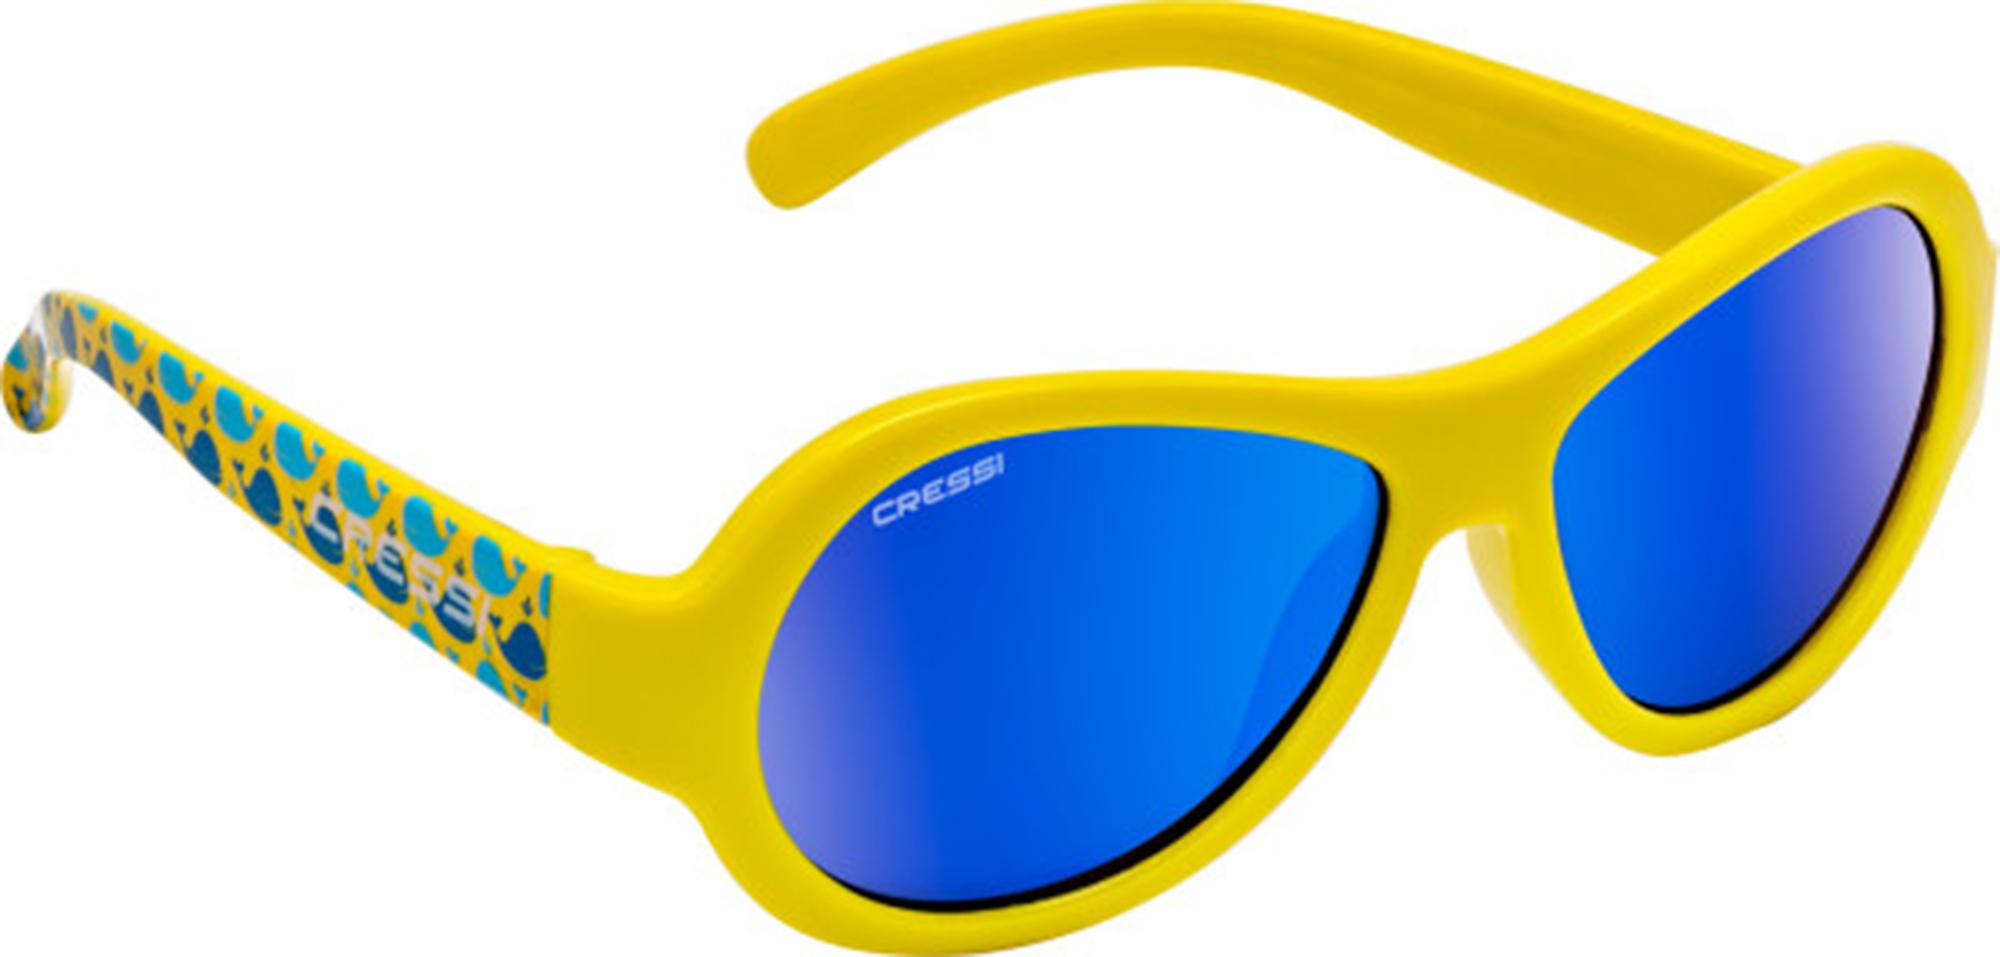 Cressi Scooby Kids Sunglasses